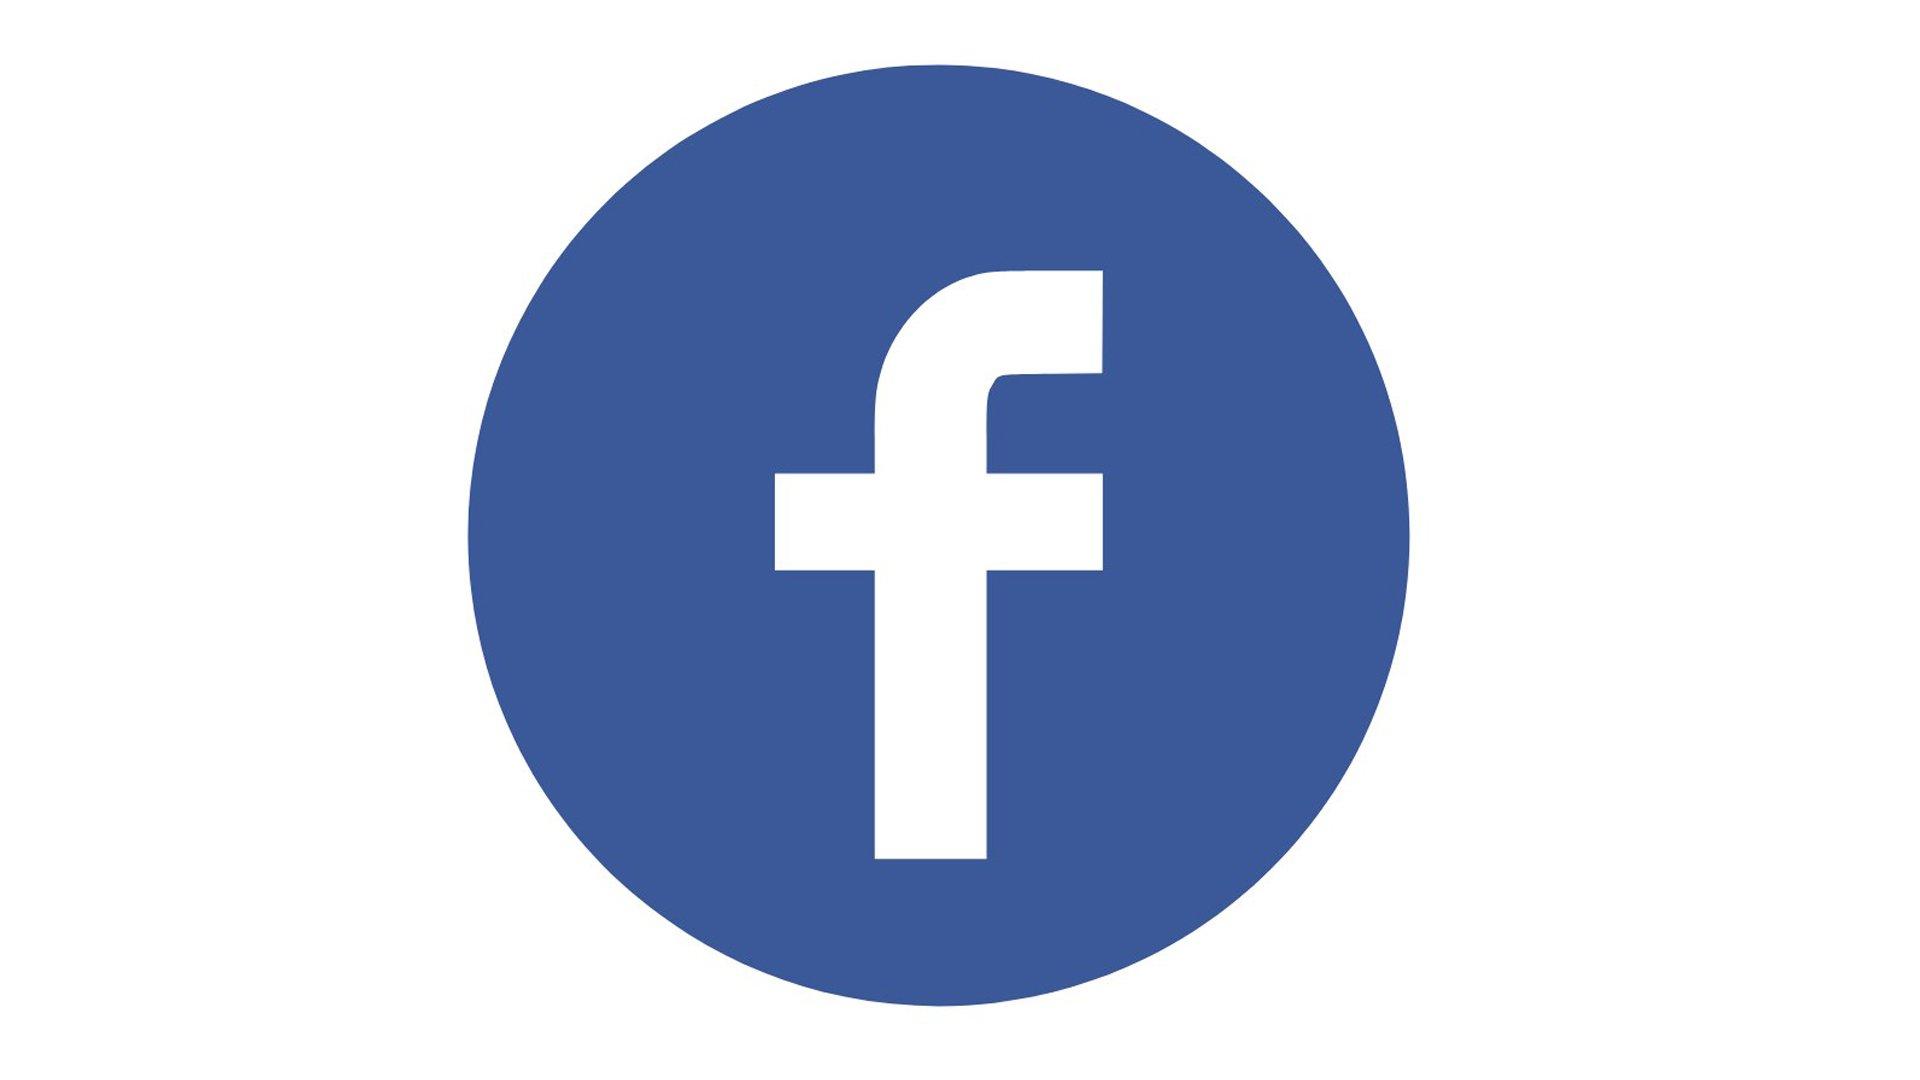 Facebook unveils 2